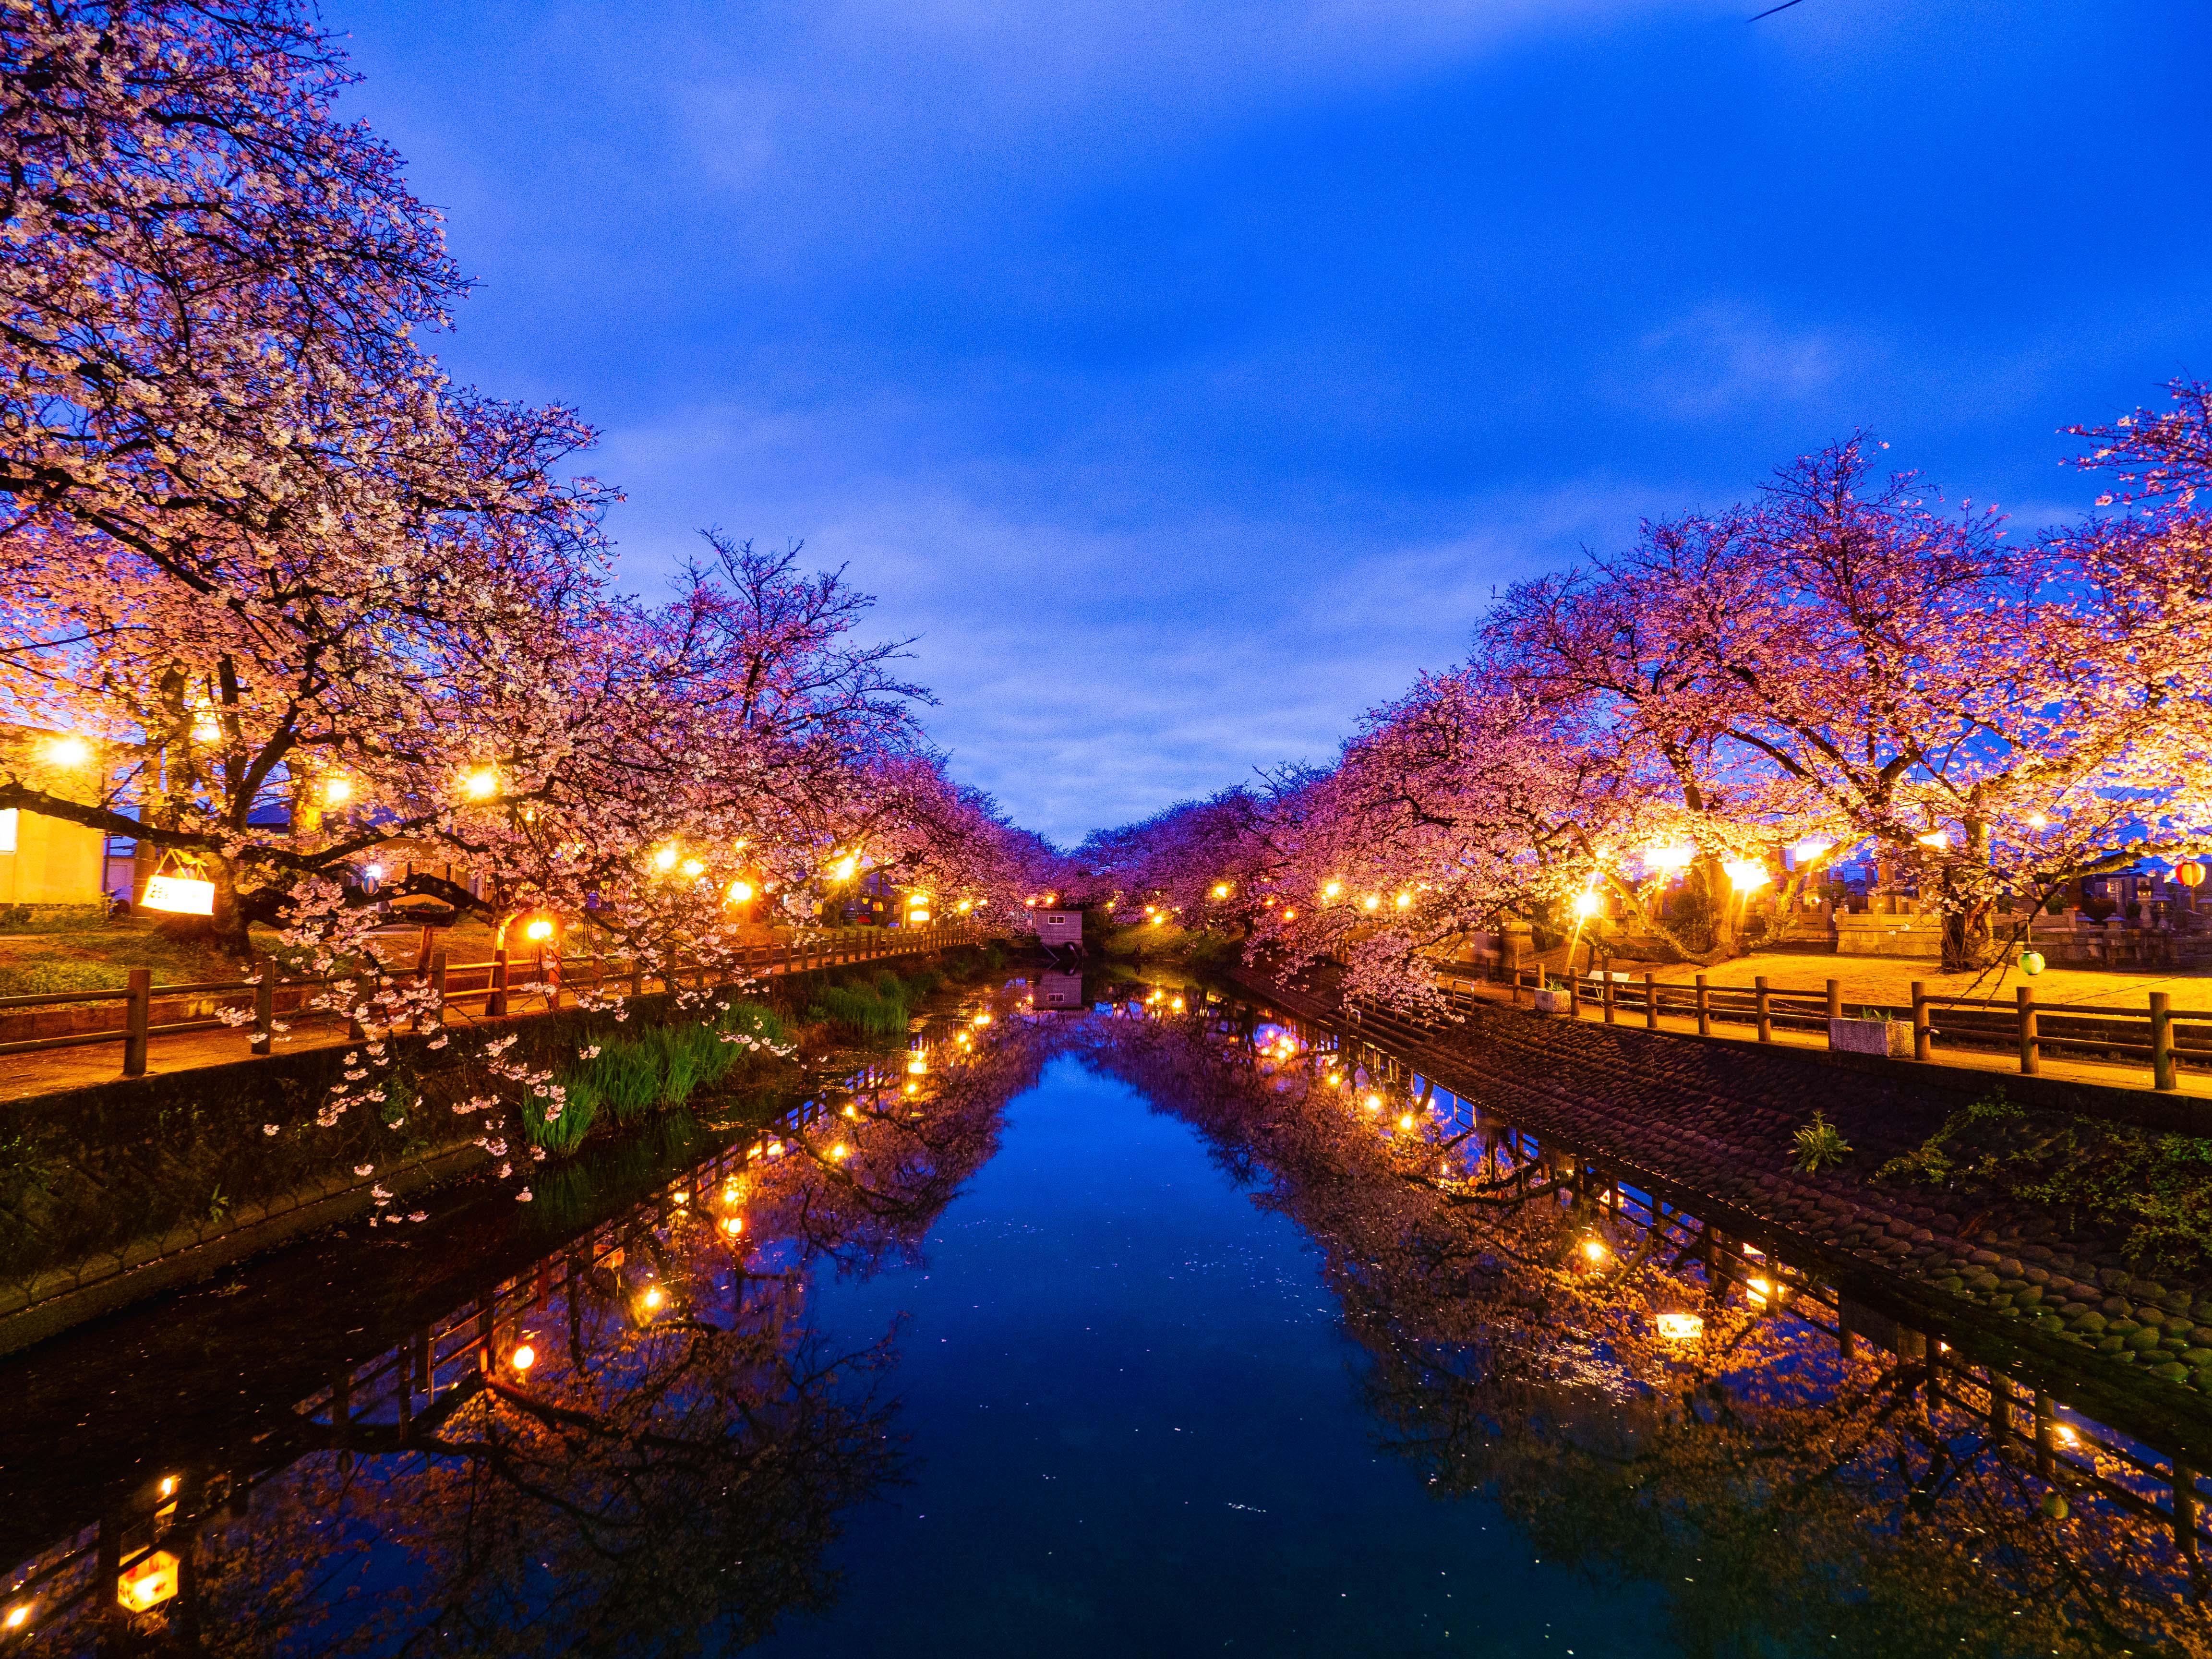 西条市「ひょうたん池」の夜桜